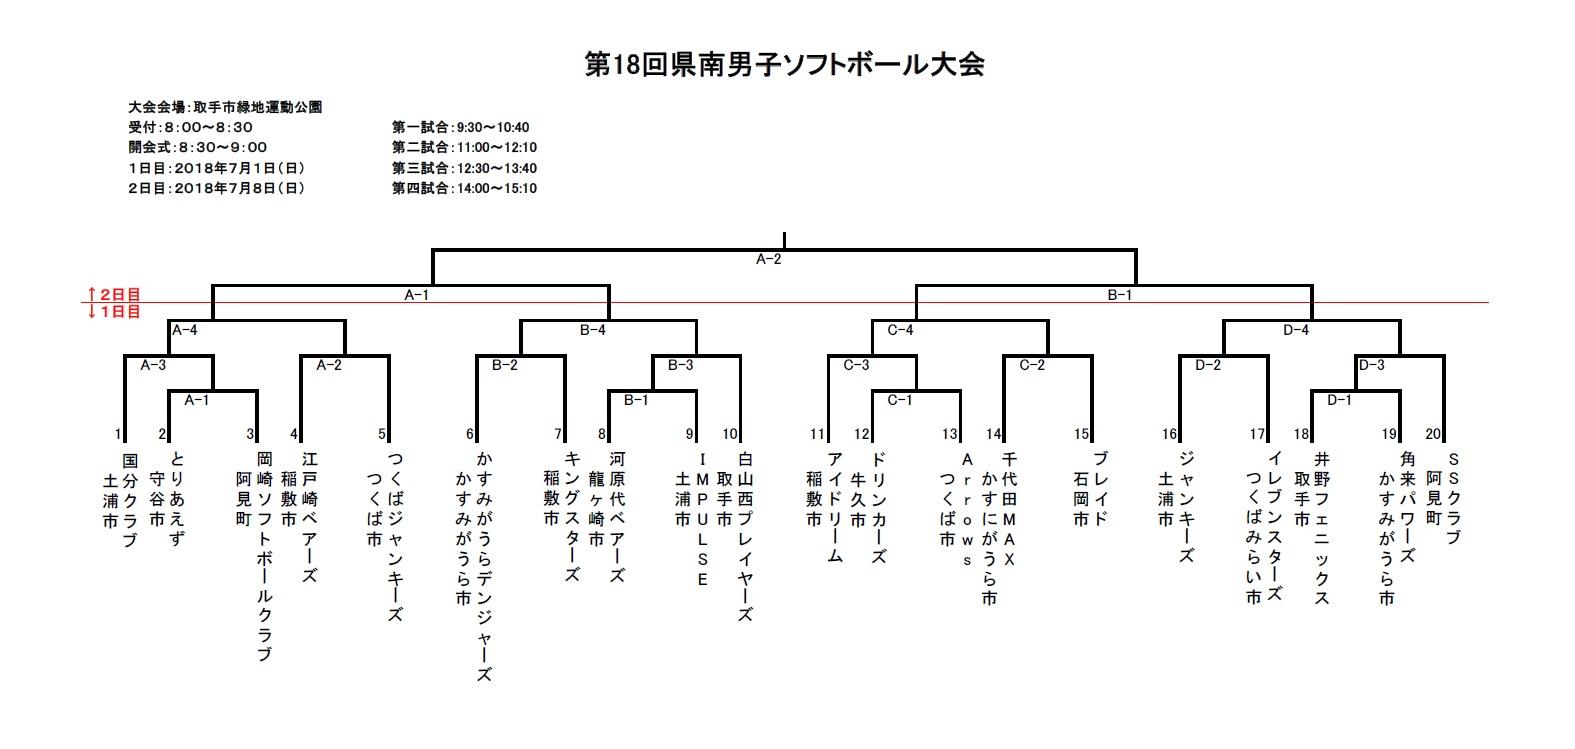 第18回県南男子ソフトボール大会_組み合わせ表